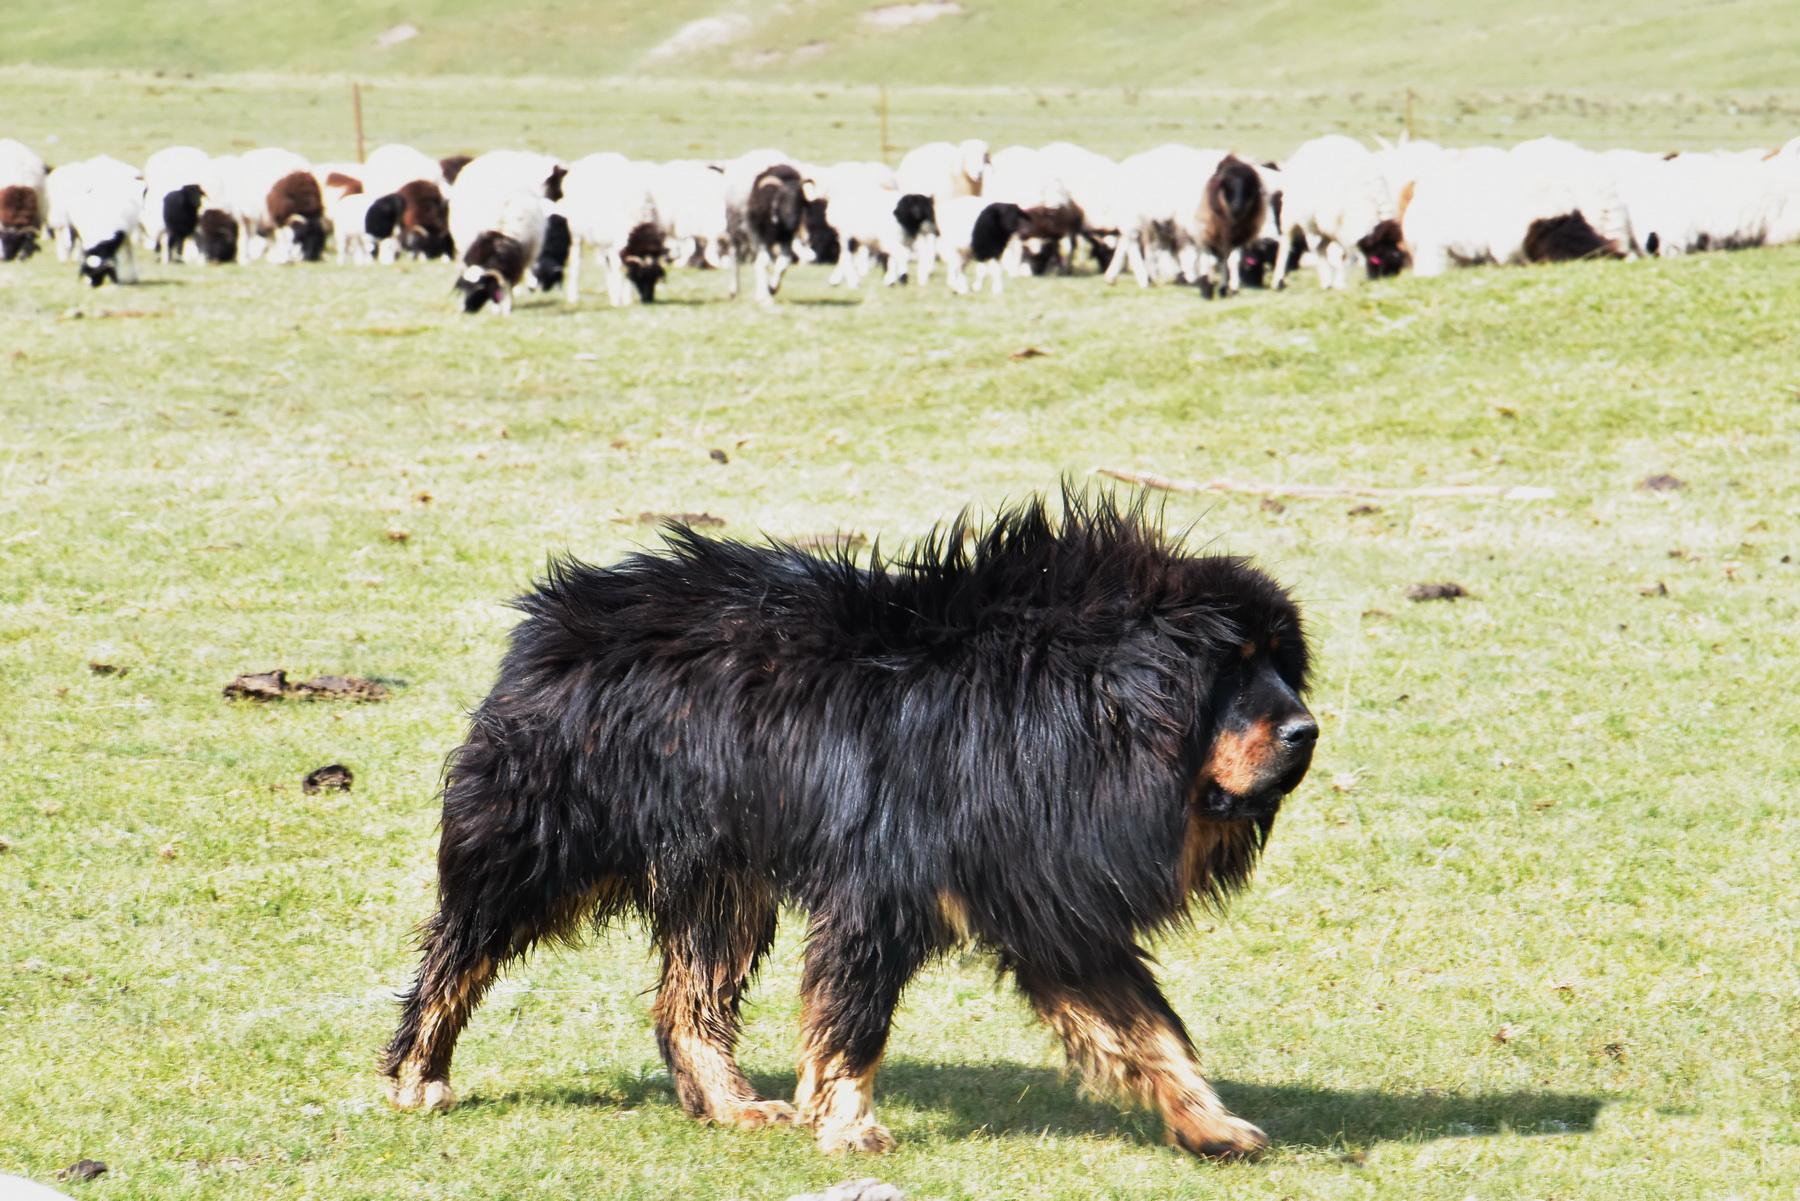 דרך המשי - עדר וכלב רועים